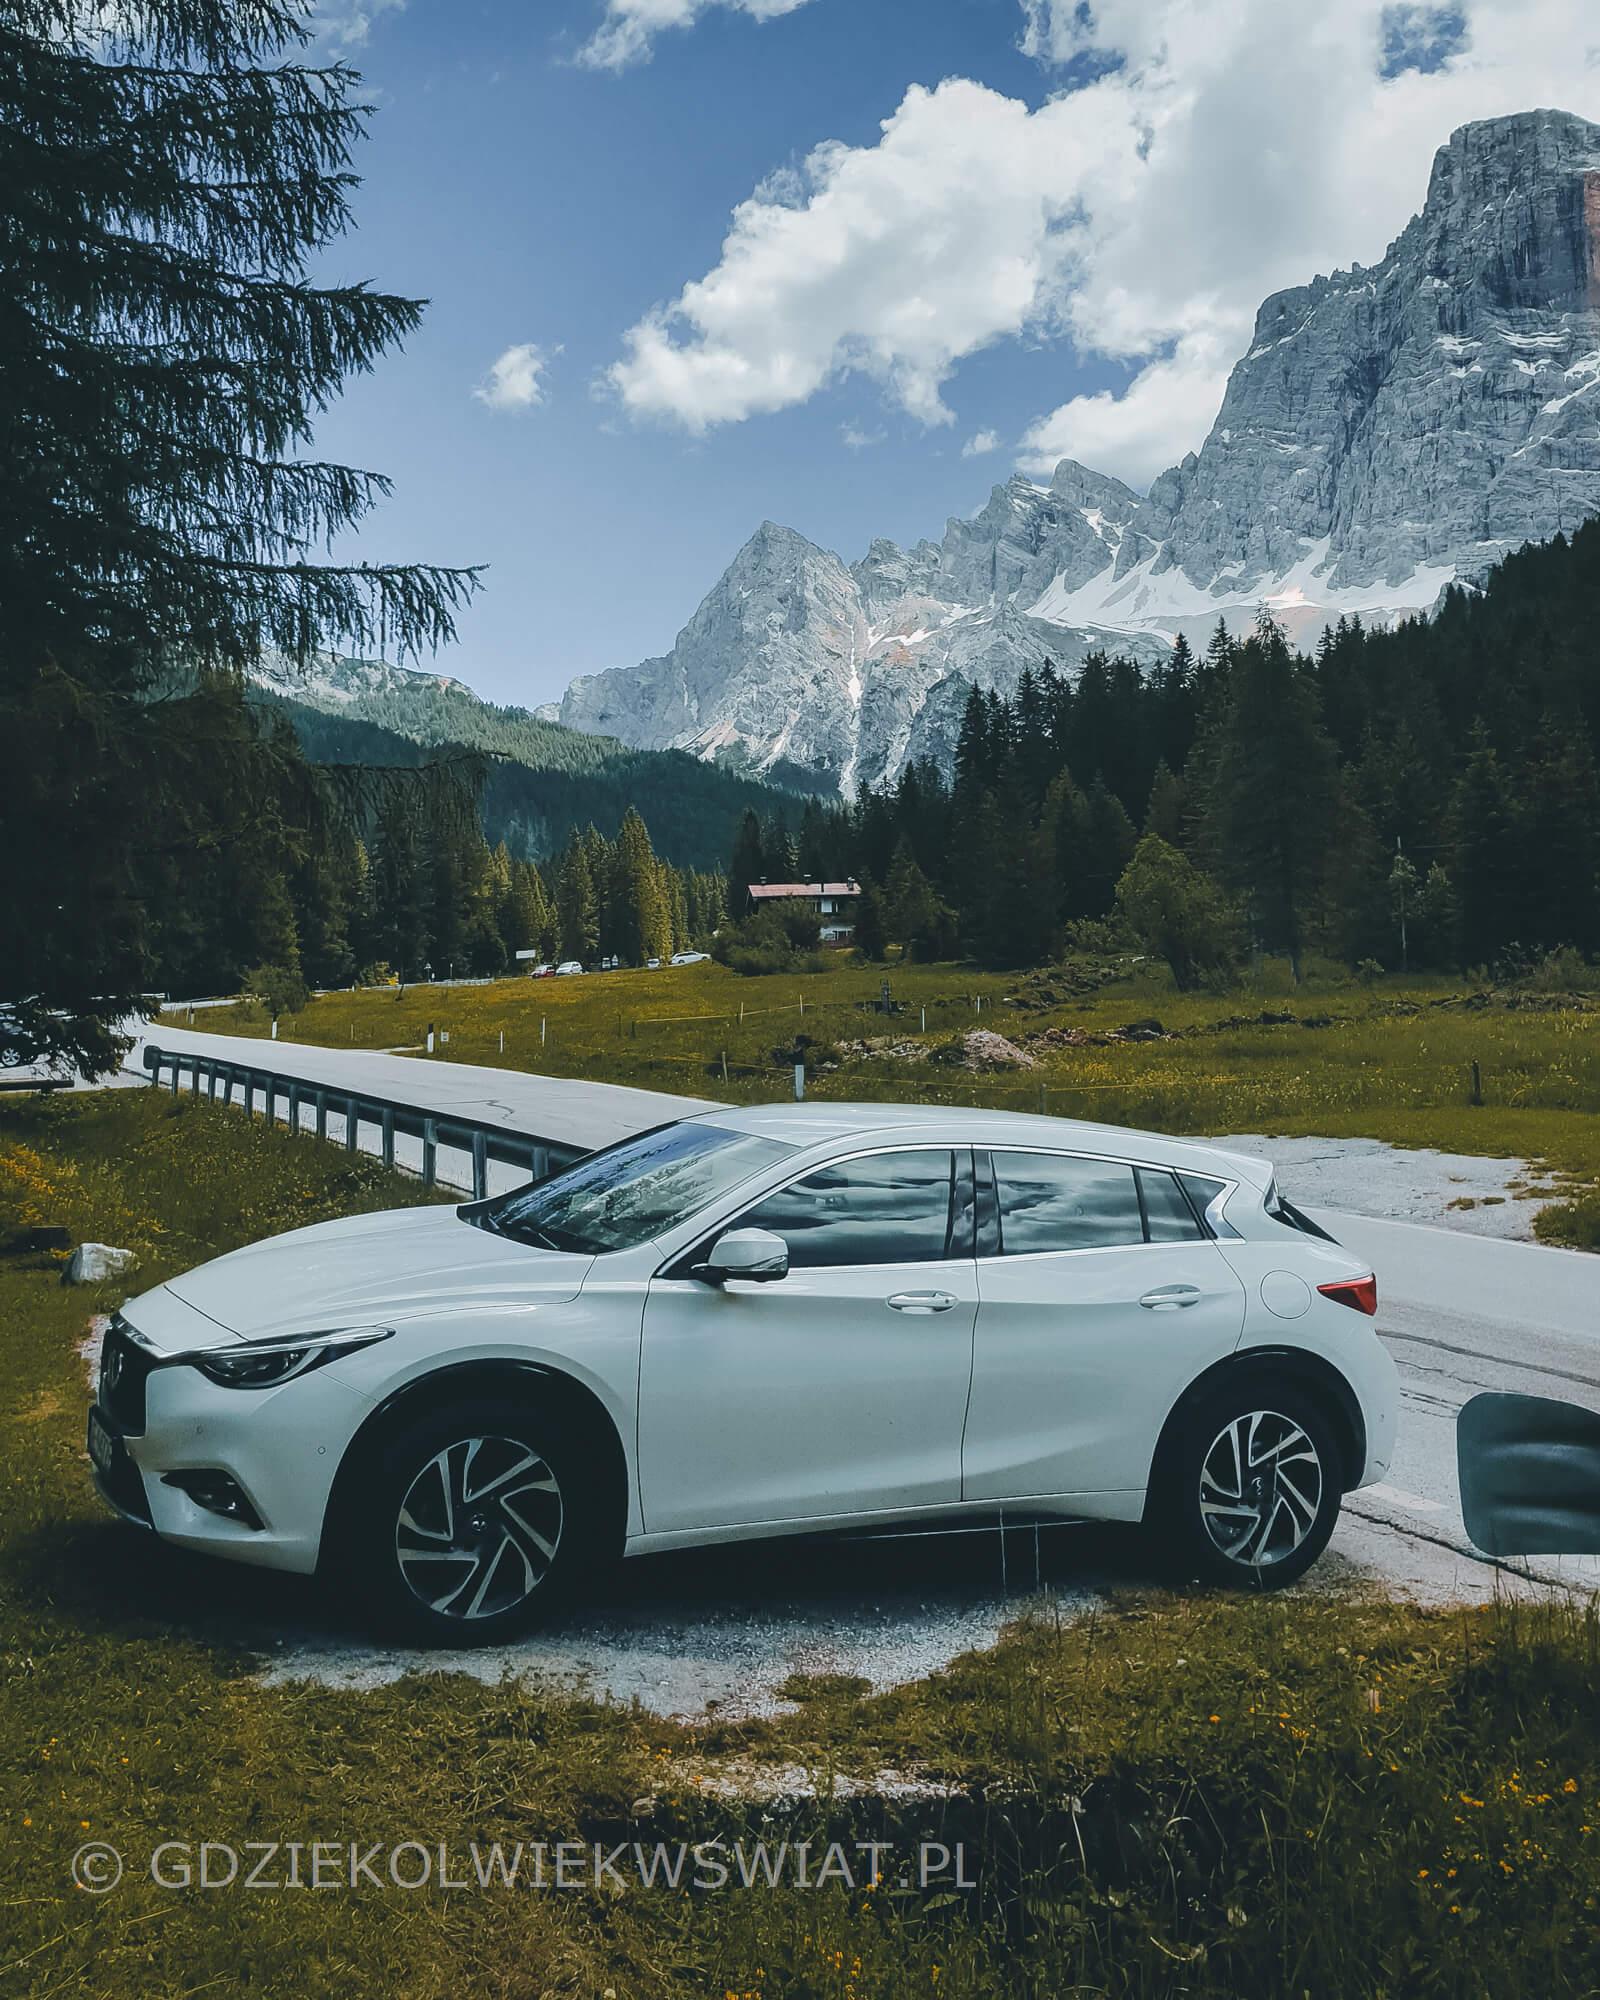 Południowy Tyrol wycieczka samochodem